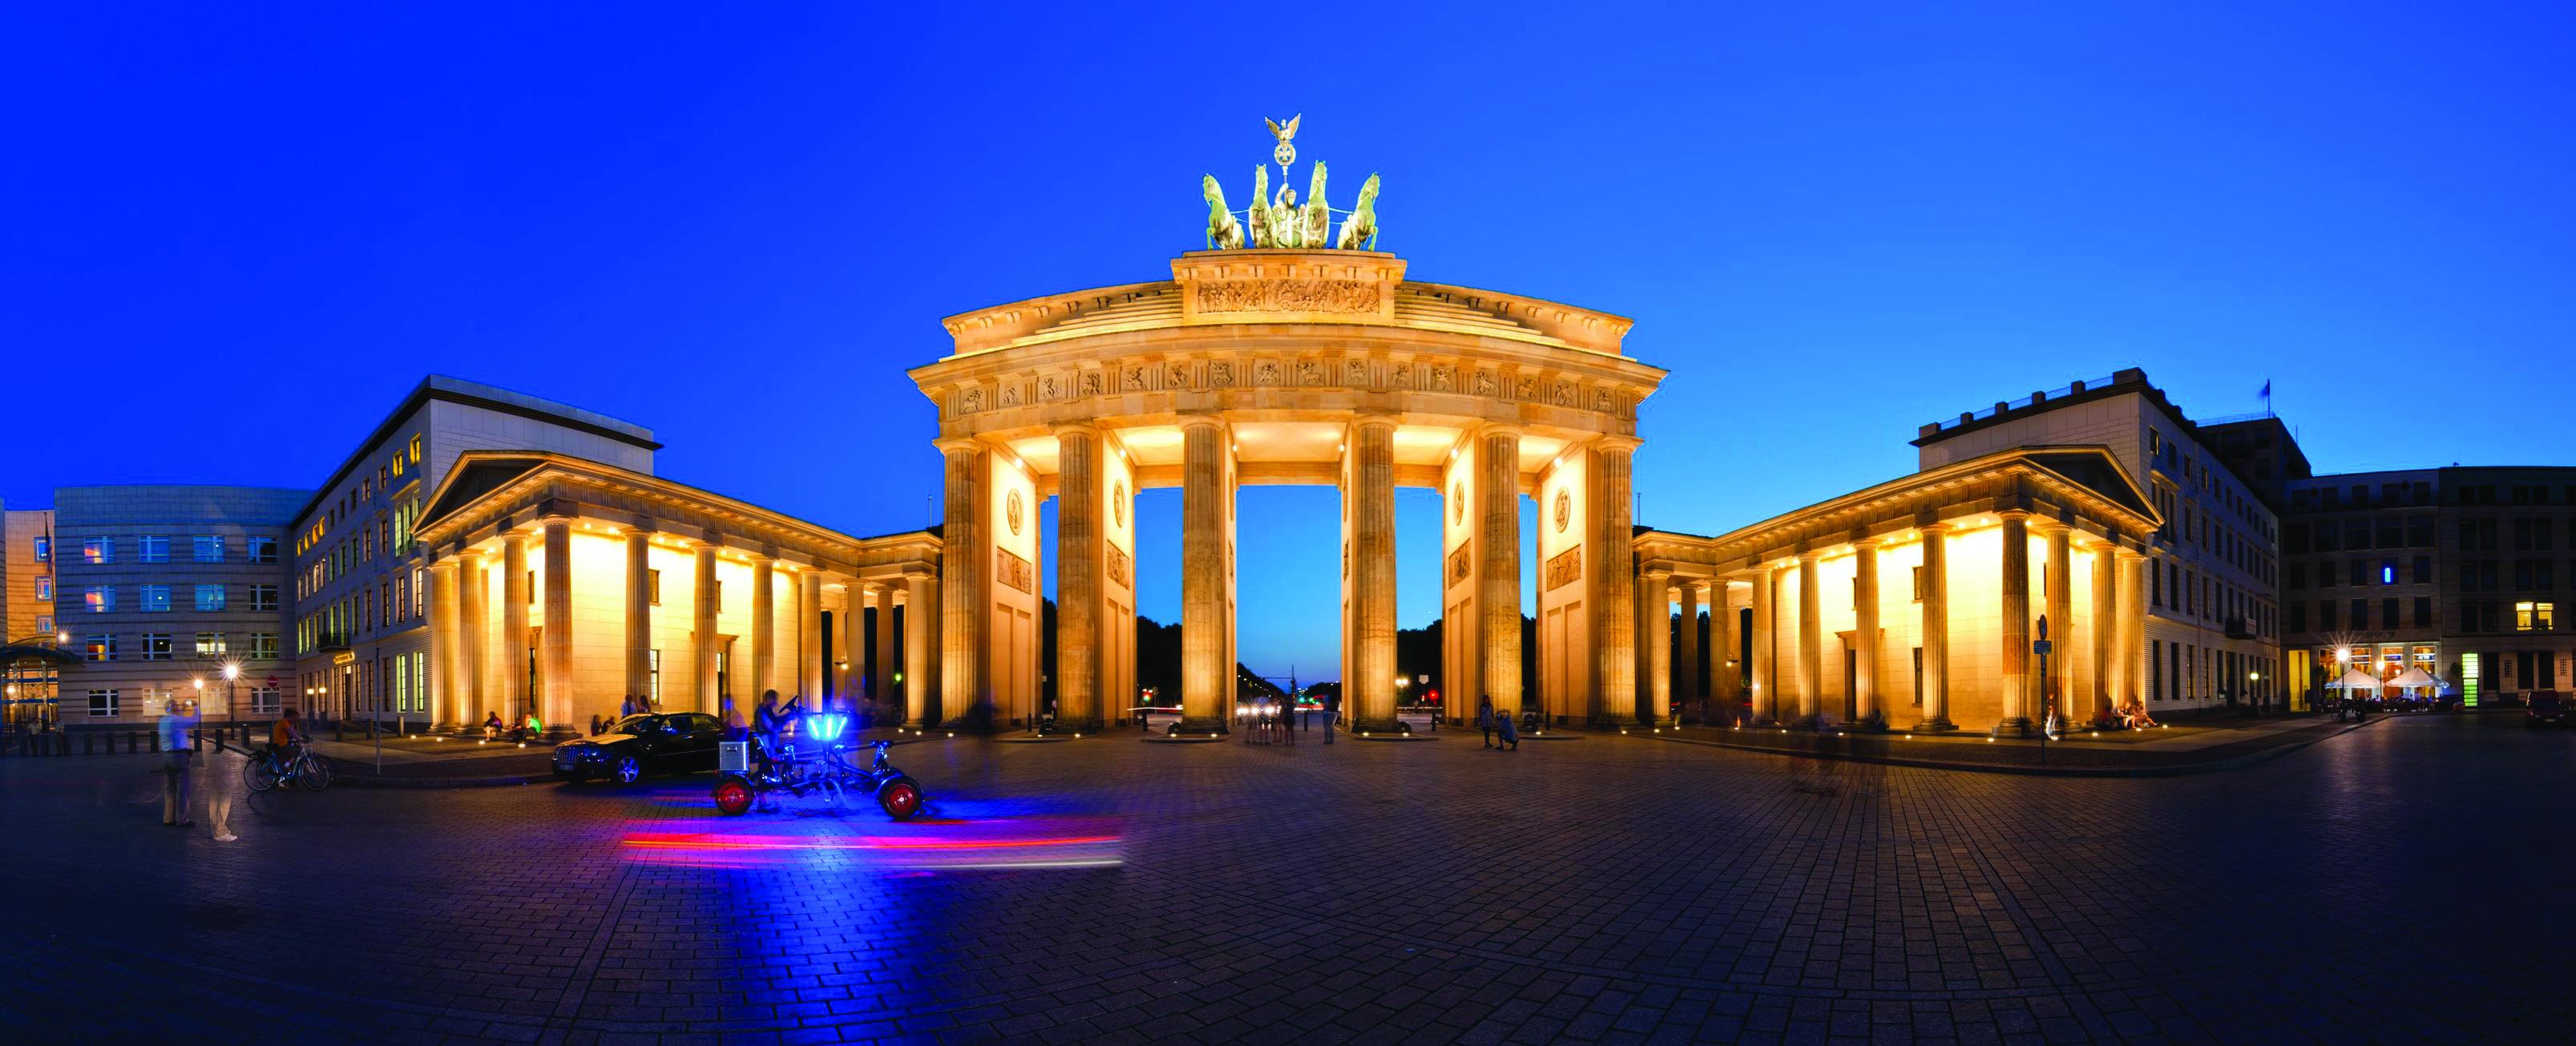 Berlin'de gezip görülecek yerler